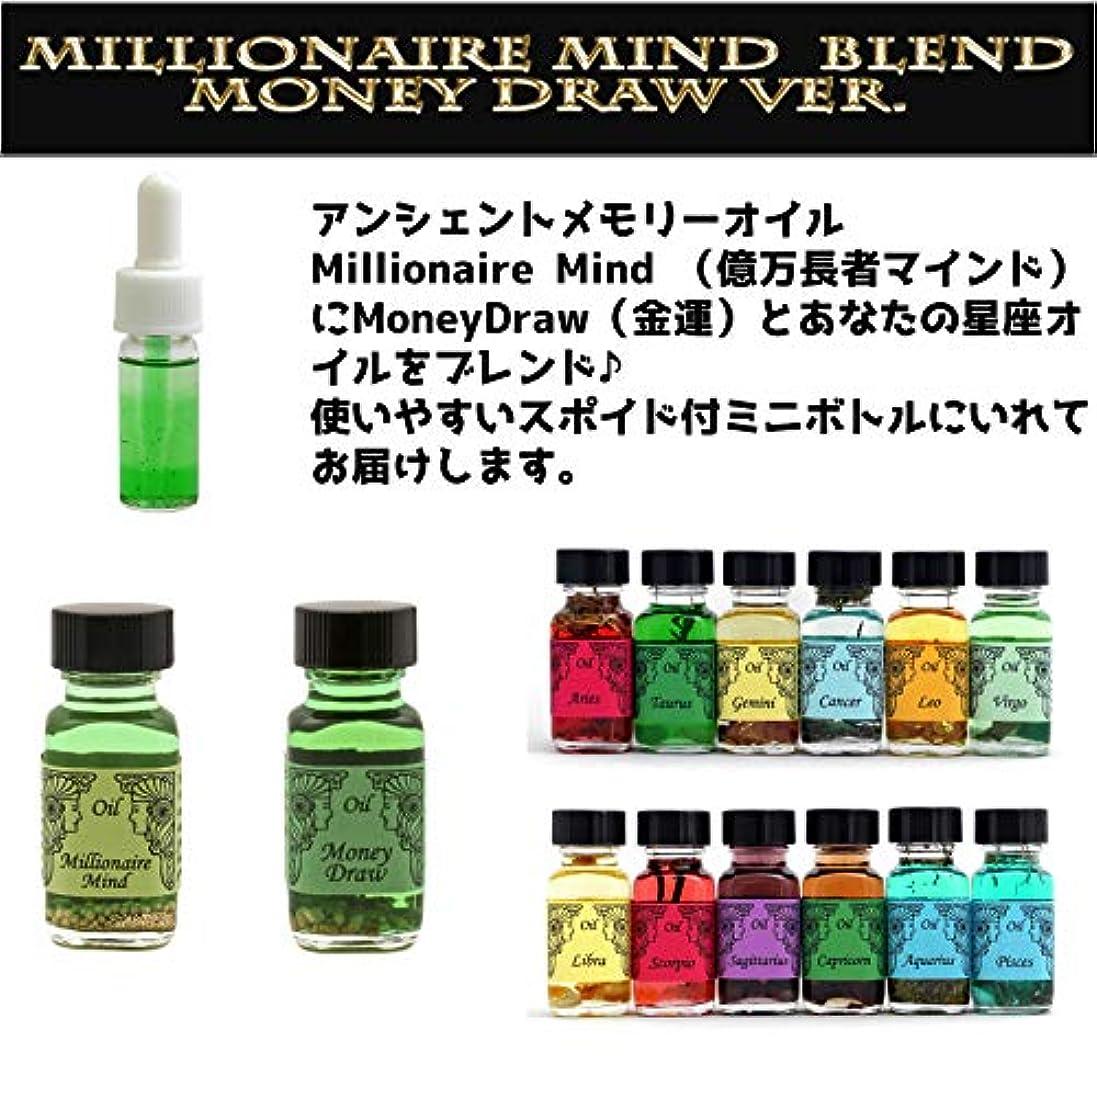 分配します自分自身カスケードアンシェントメモリーオイル Millionaire Mind 億万長者マインド ブレンド(Money Drawマネードロー(金運)&ふたご座